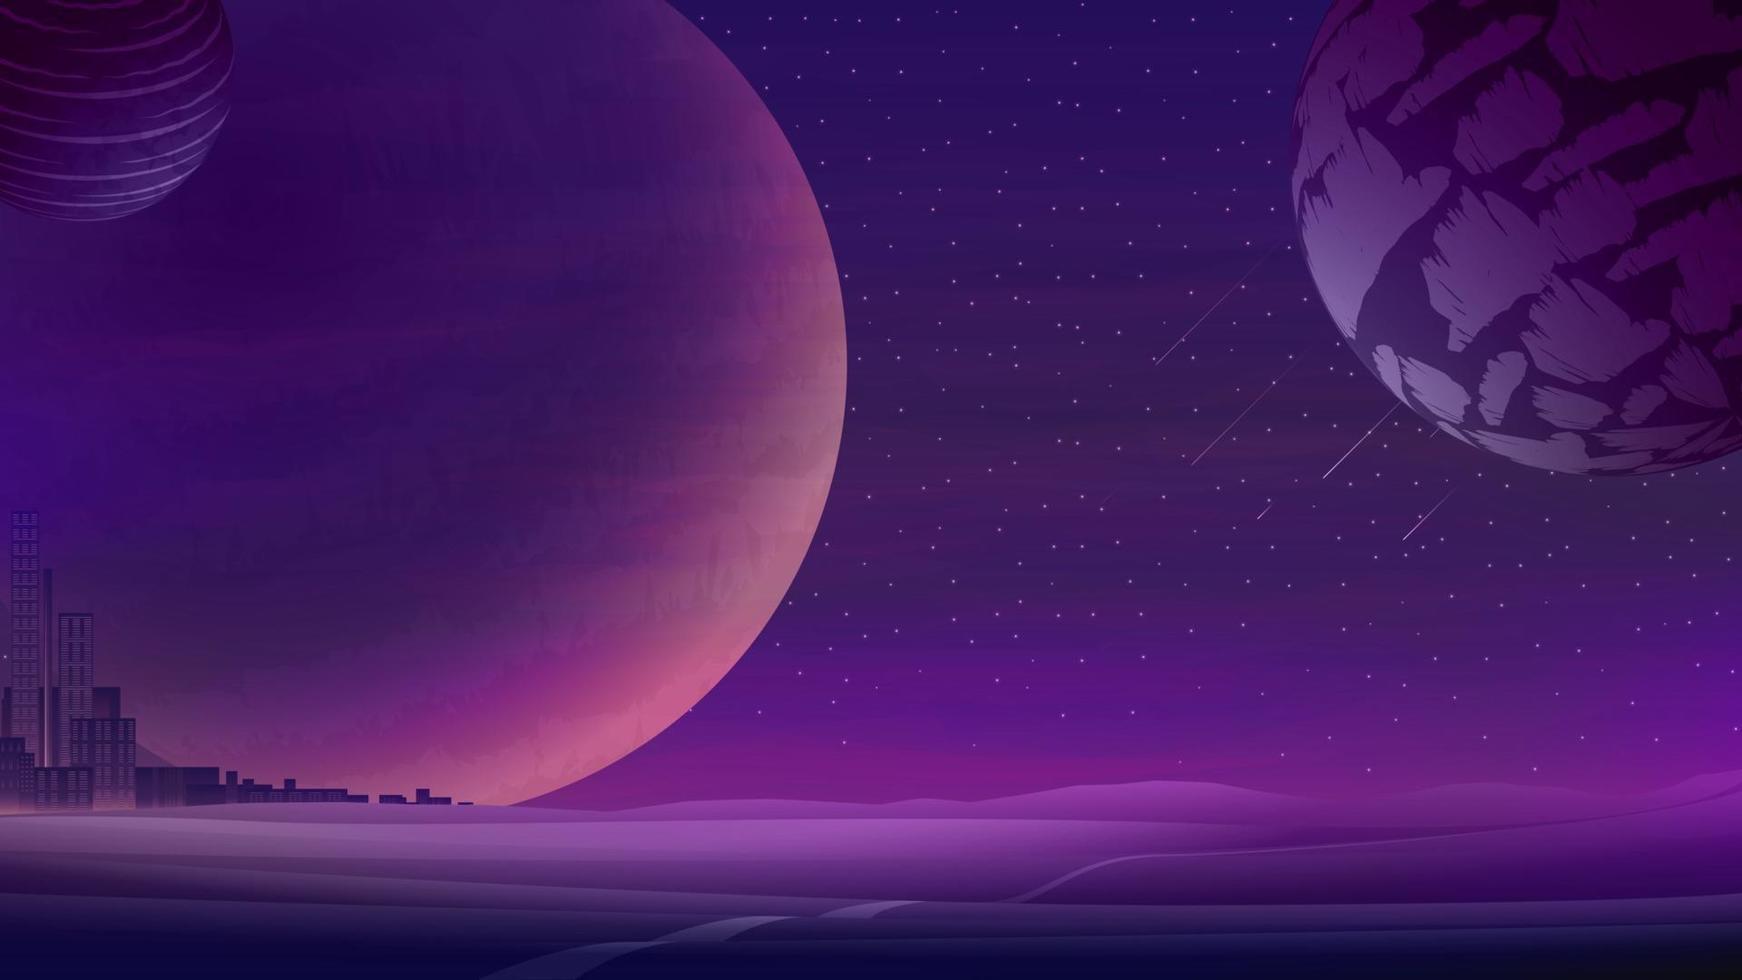 paysage de l'espace avec de grandes planètes sur le ciel étoilé violet et la ville à l'horizon, la nature sur une autre planète. illustration vectorielle. vecteur